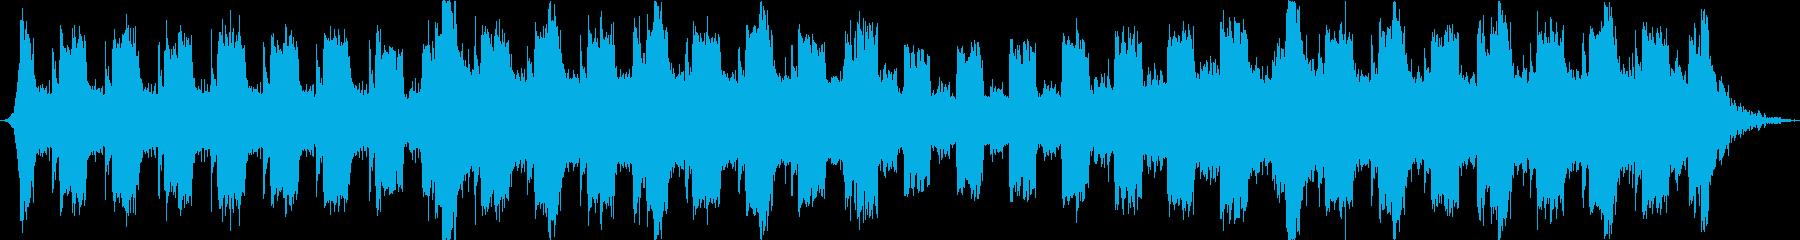 スポーツ・洋楽ロック・迫力・パワフルの再生済みの波形